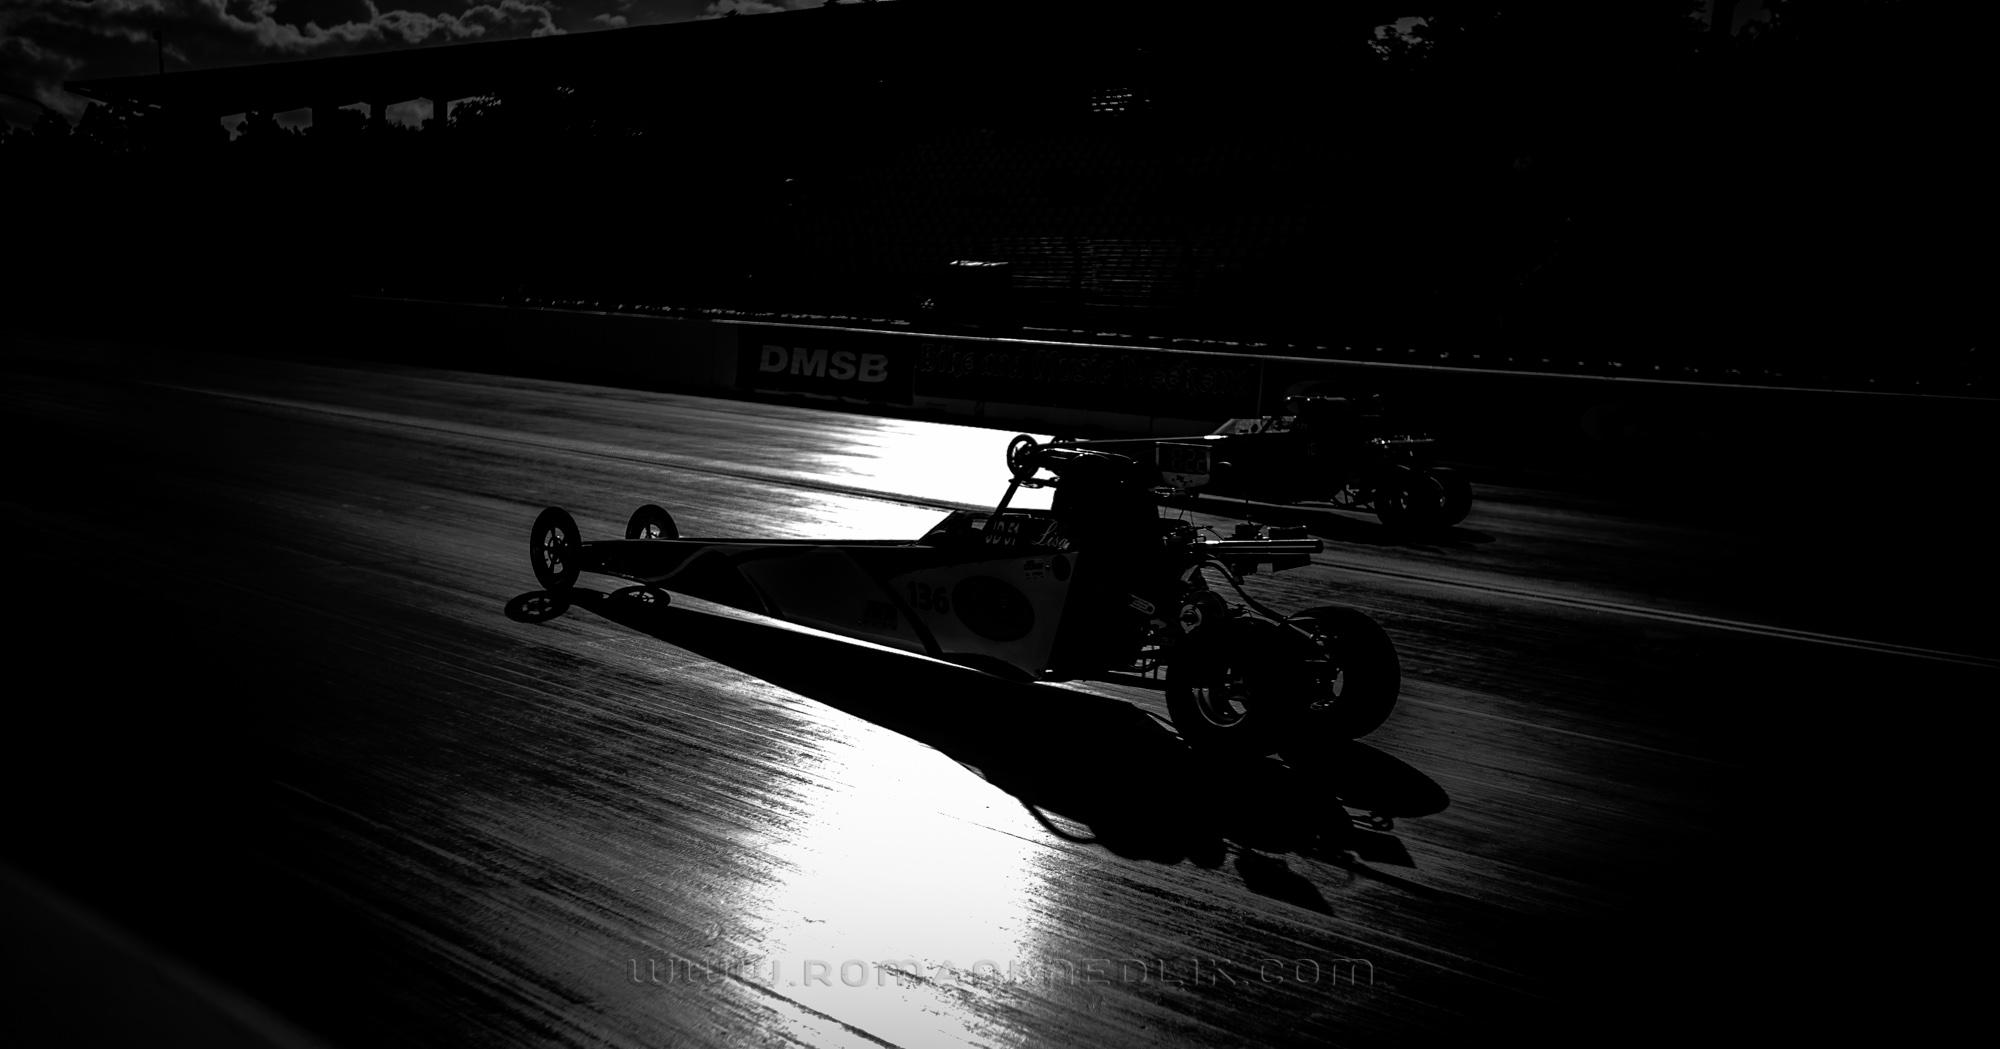 Drag_racing_Hockenheimring-22